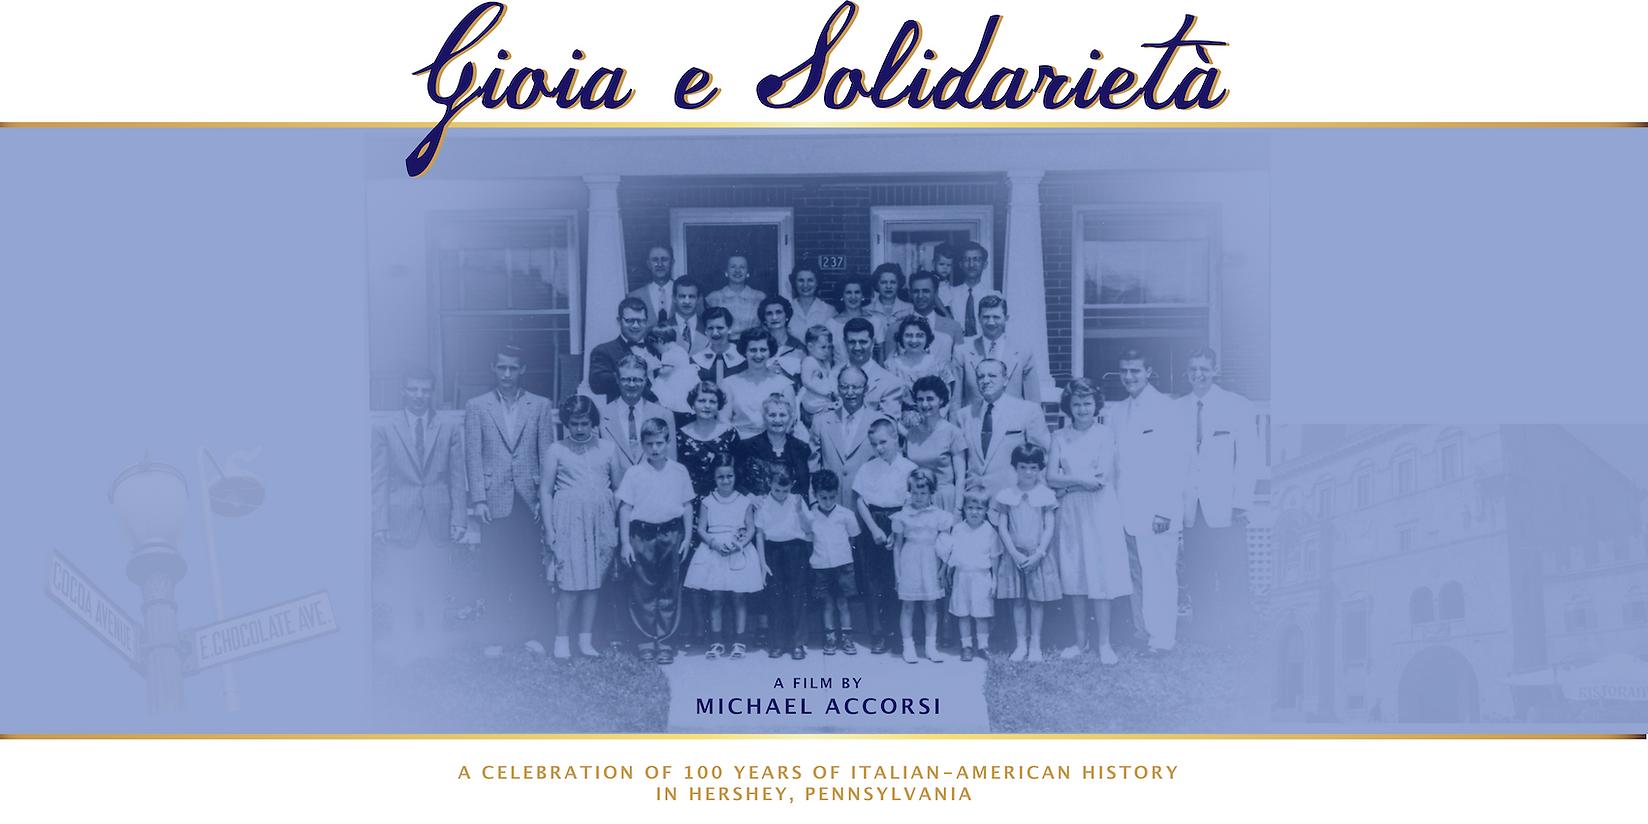 Gioia_e_Solidarietà_Poster_rectangle_w